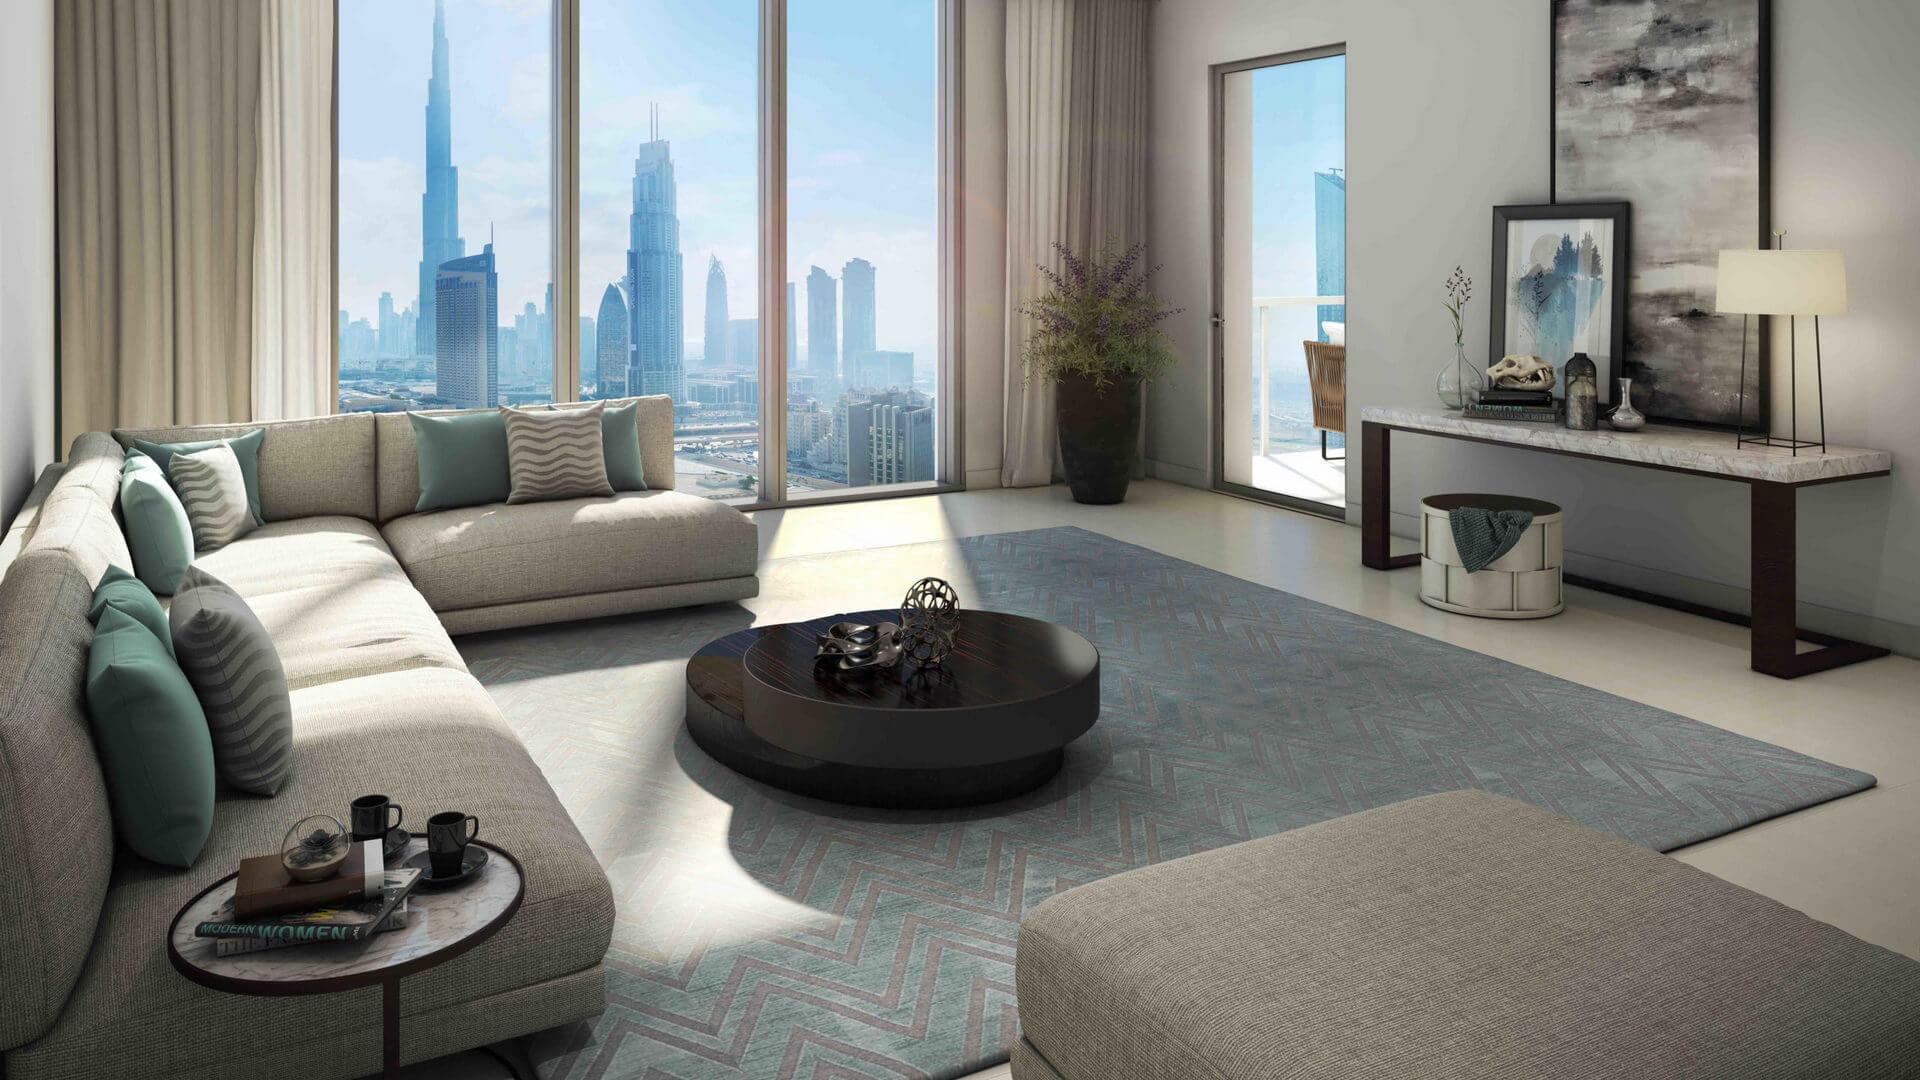 Apartamento en venta en Dubai, EAU, 3 dormitorios, 168 m2, № 24078 – foto 1